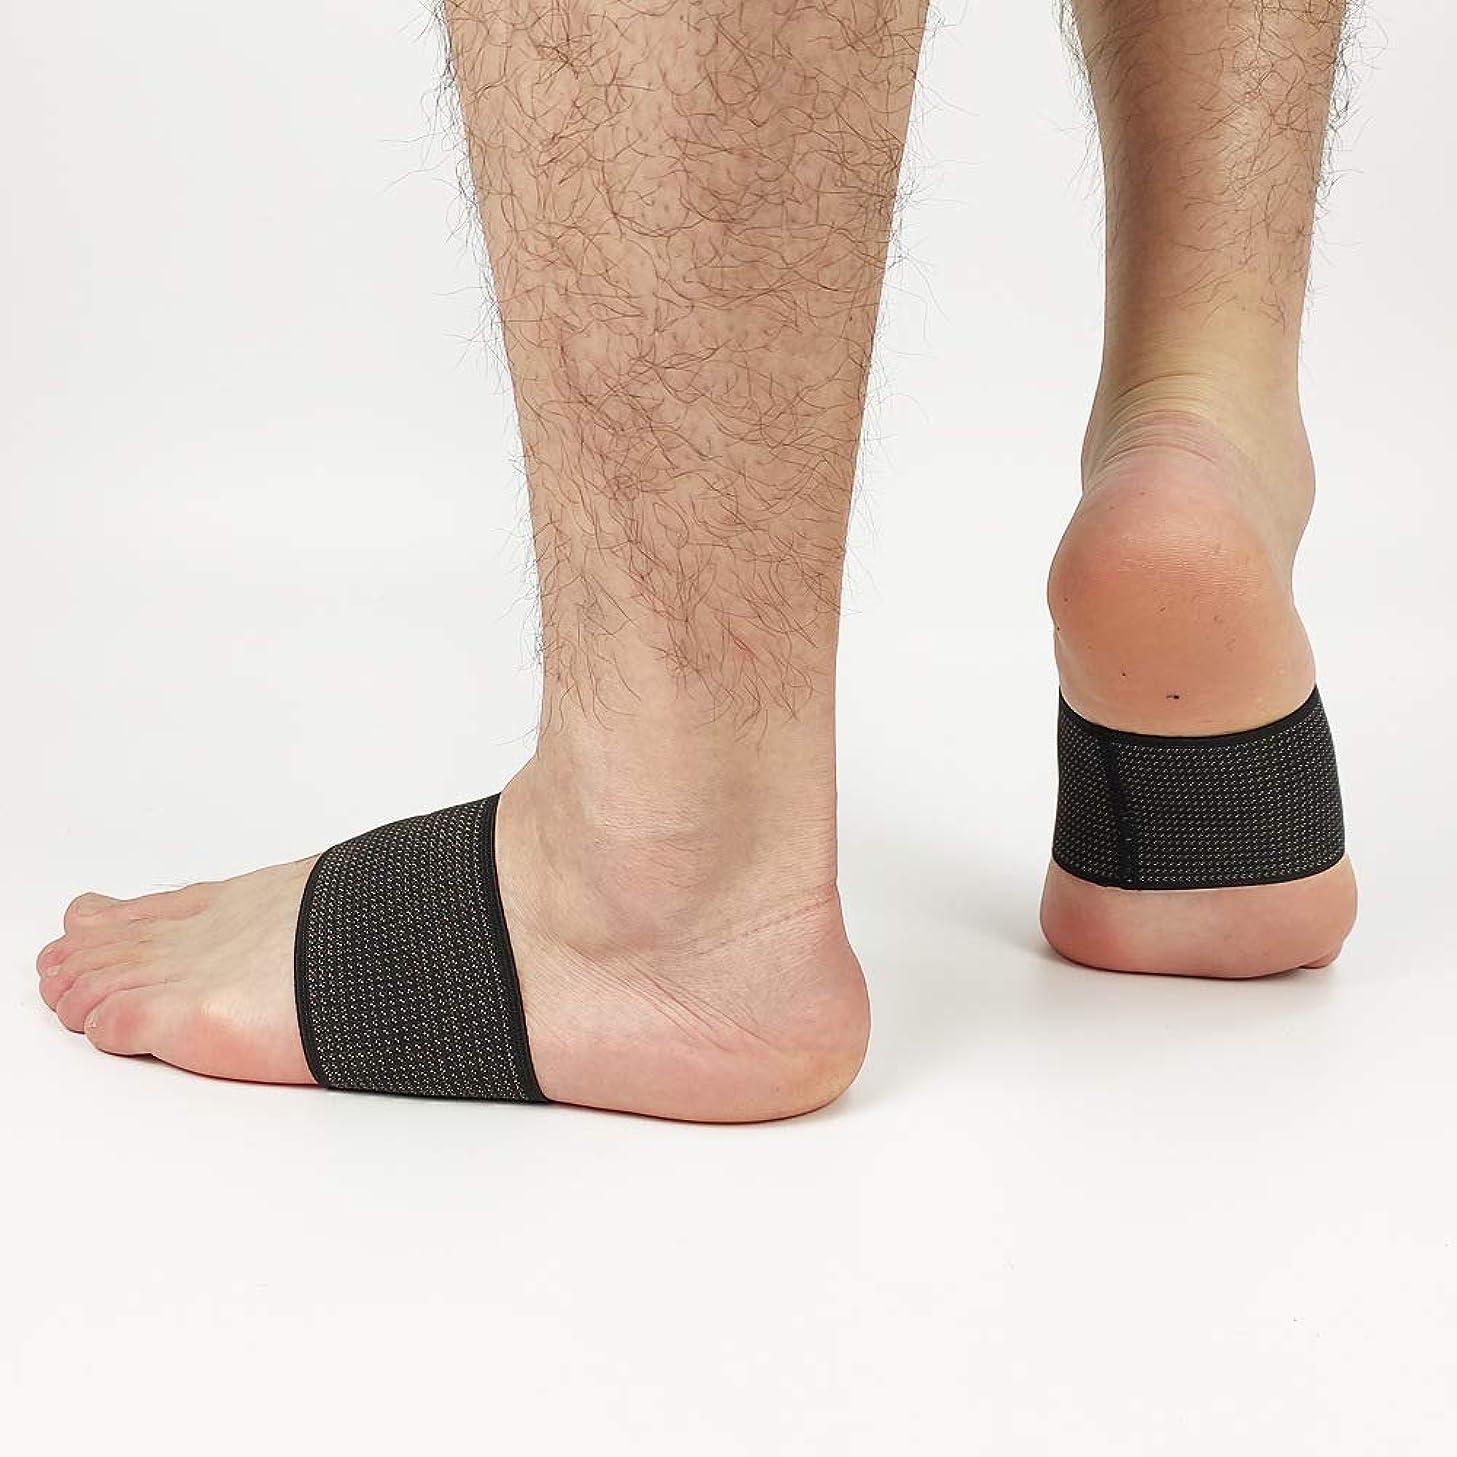 文言存在創始者足底筋膜炎倒れたアーチのためのクッション付き圧縮アーチサポート,L